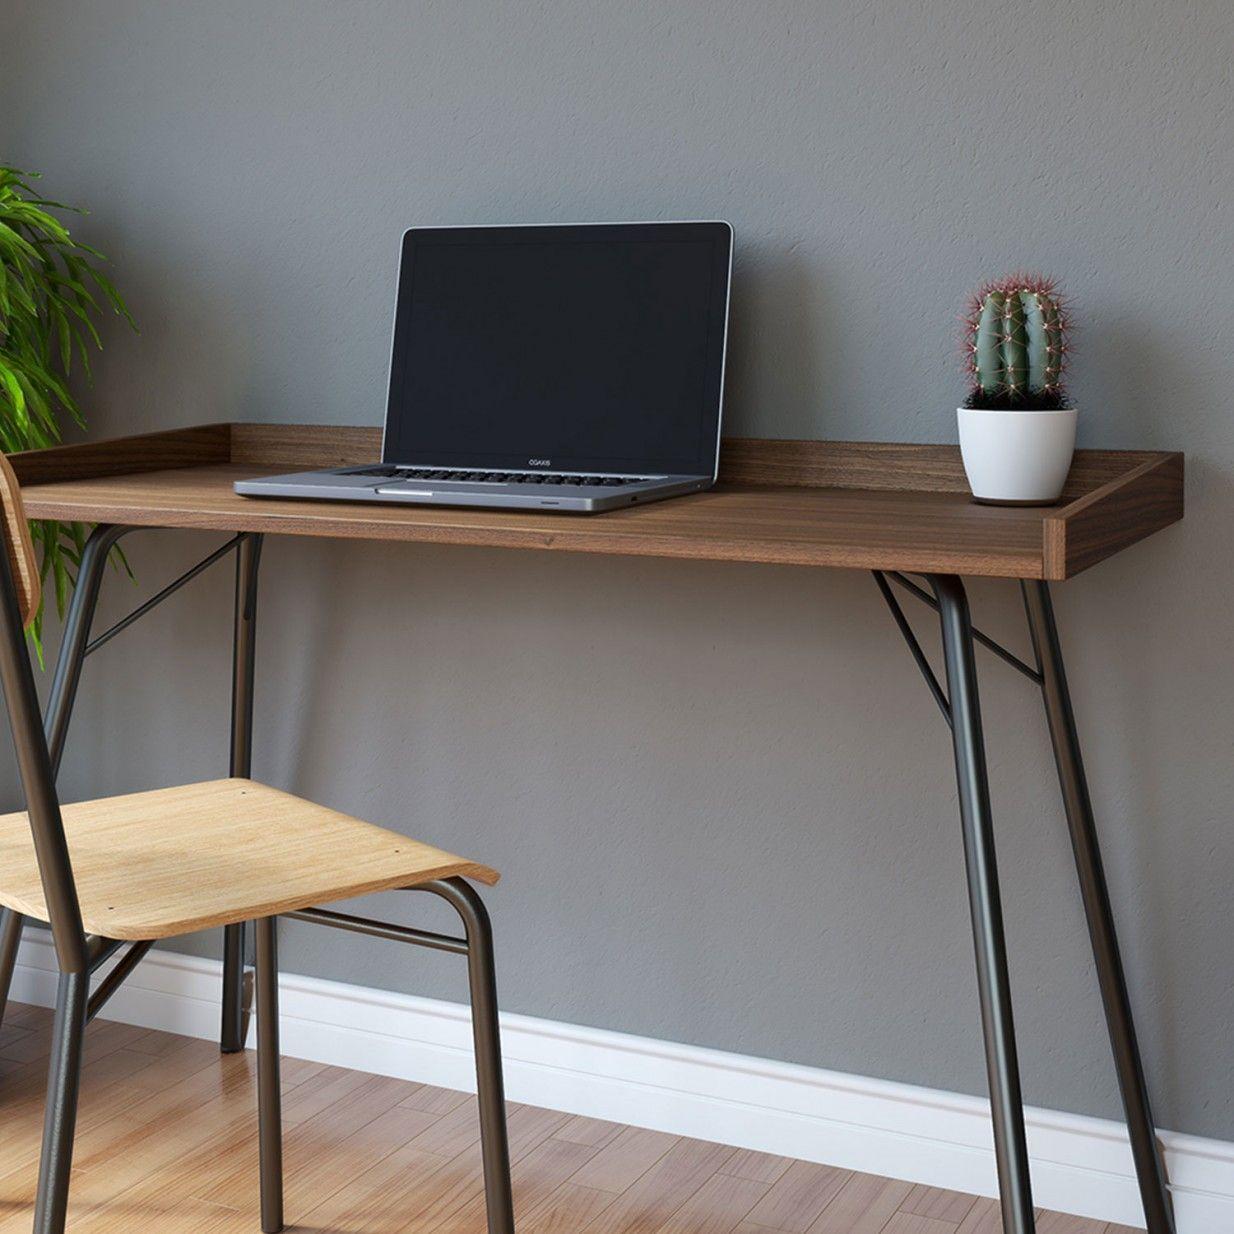 Rayburn Schreibtisch Walnuss Woodman Walnut Desks Office Furniture Modern Office Desk